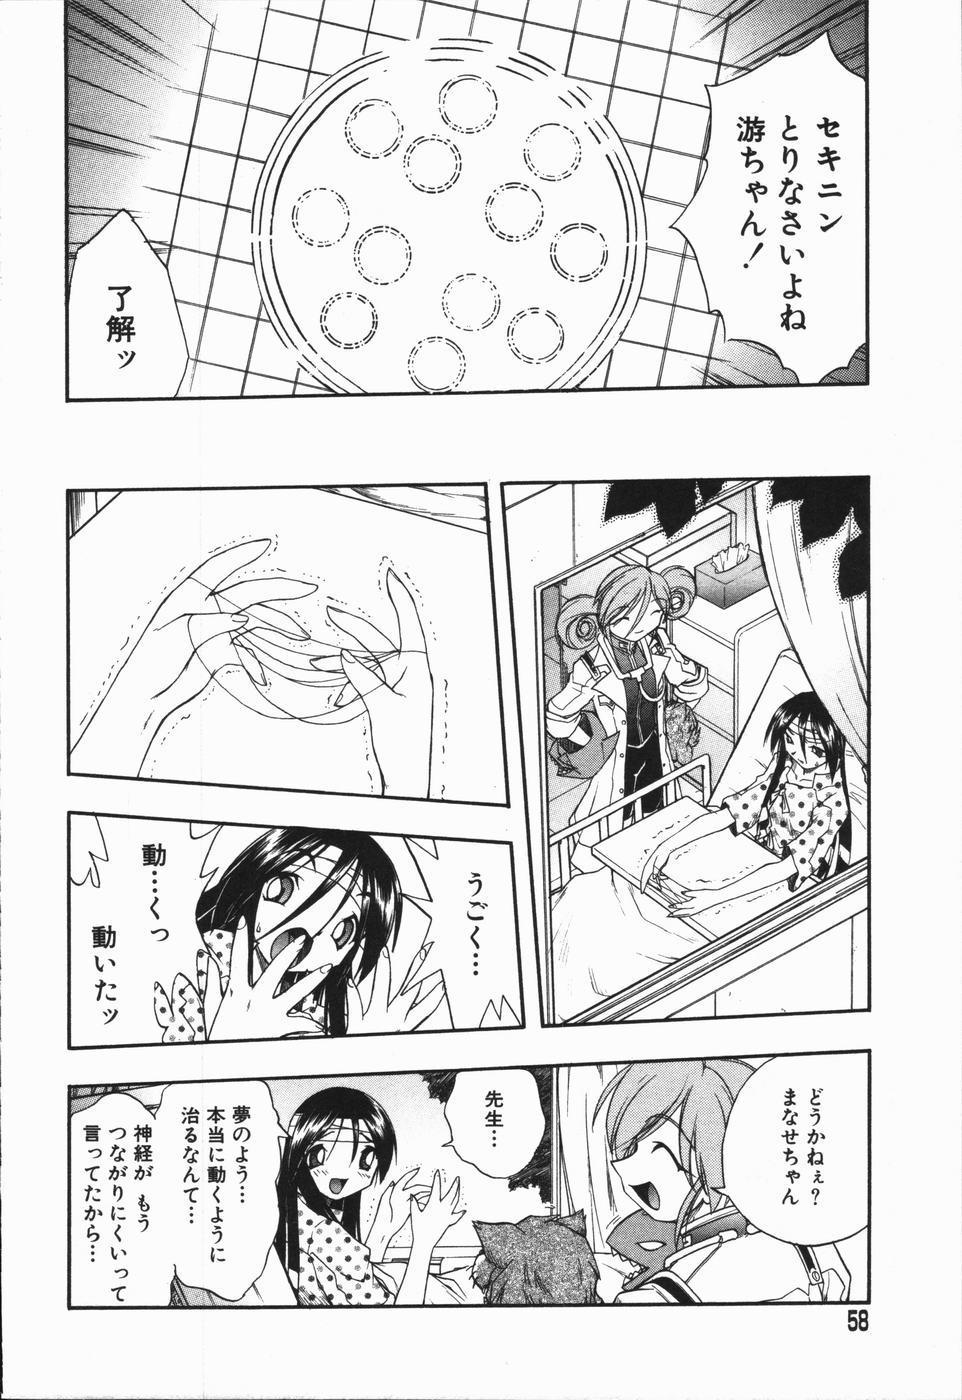 [Oka Sundome] Mebina-tachi no Gogo | -Maybe-na Afternoon- 54